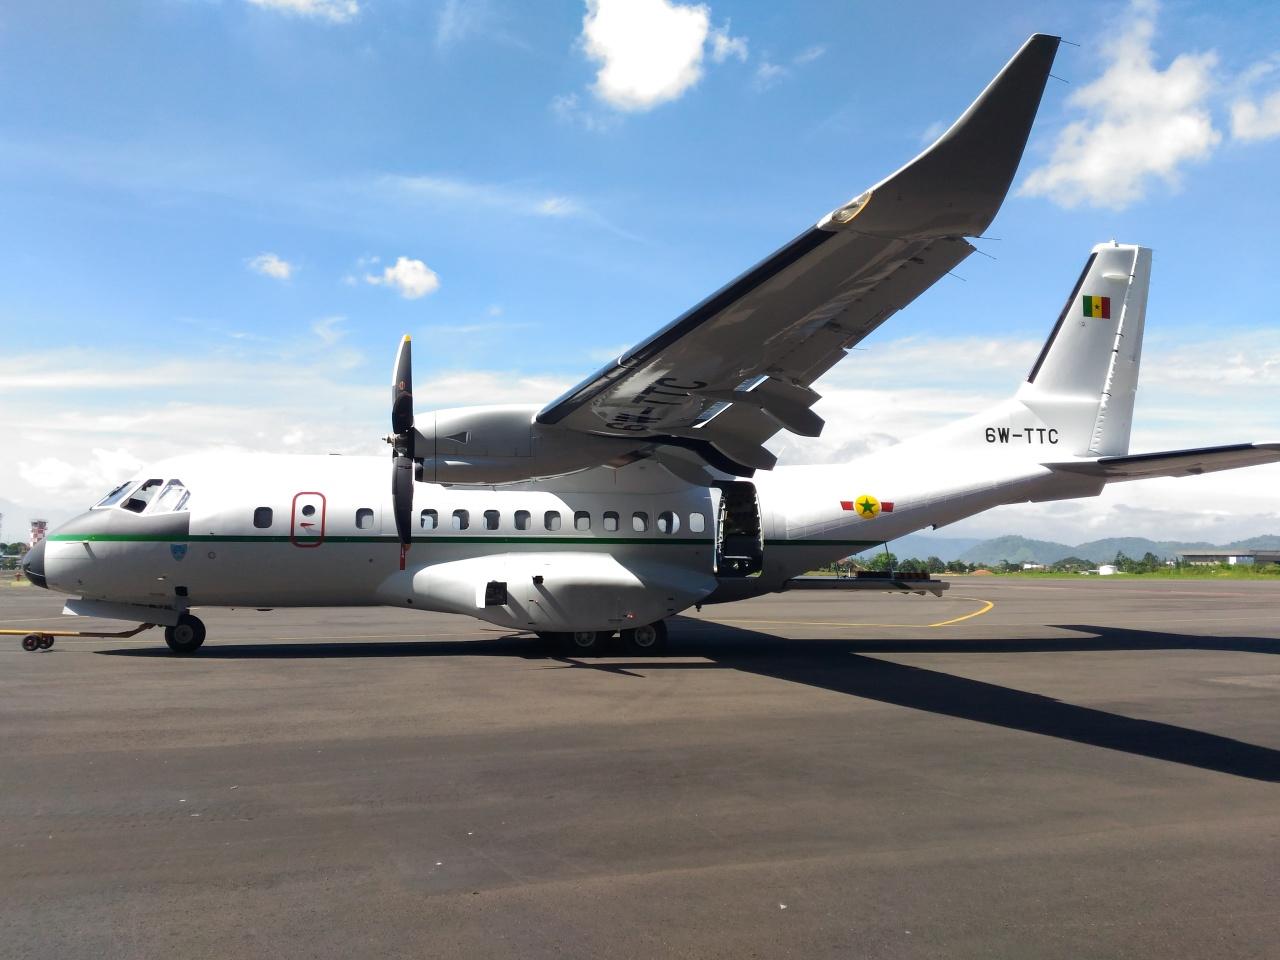 Индонезия поставит четыре самолета в Африку